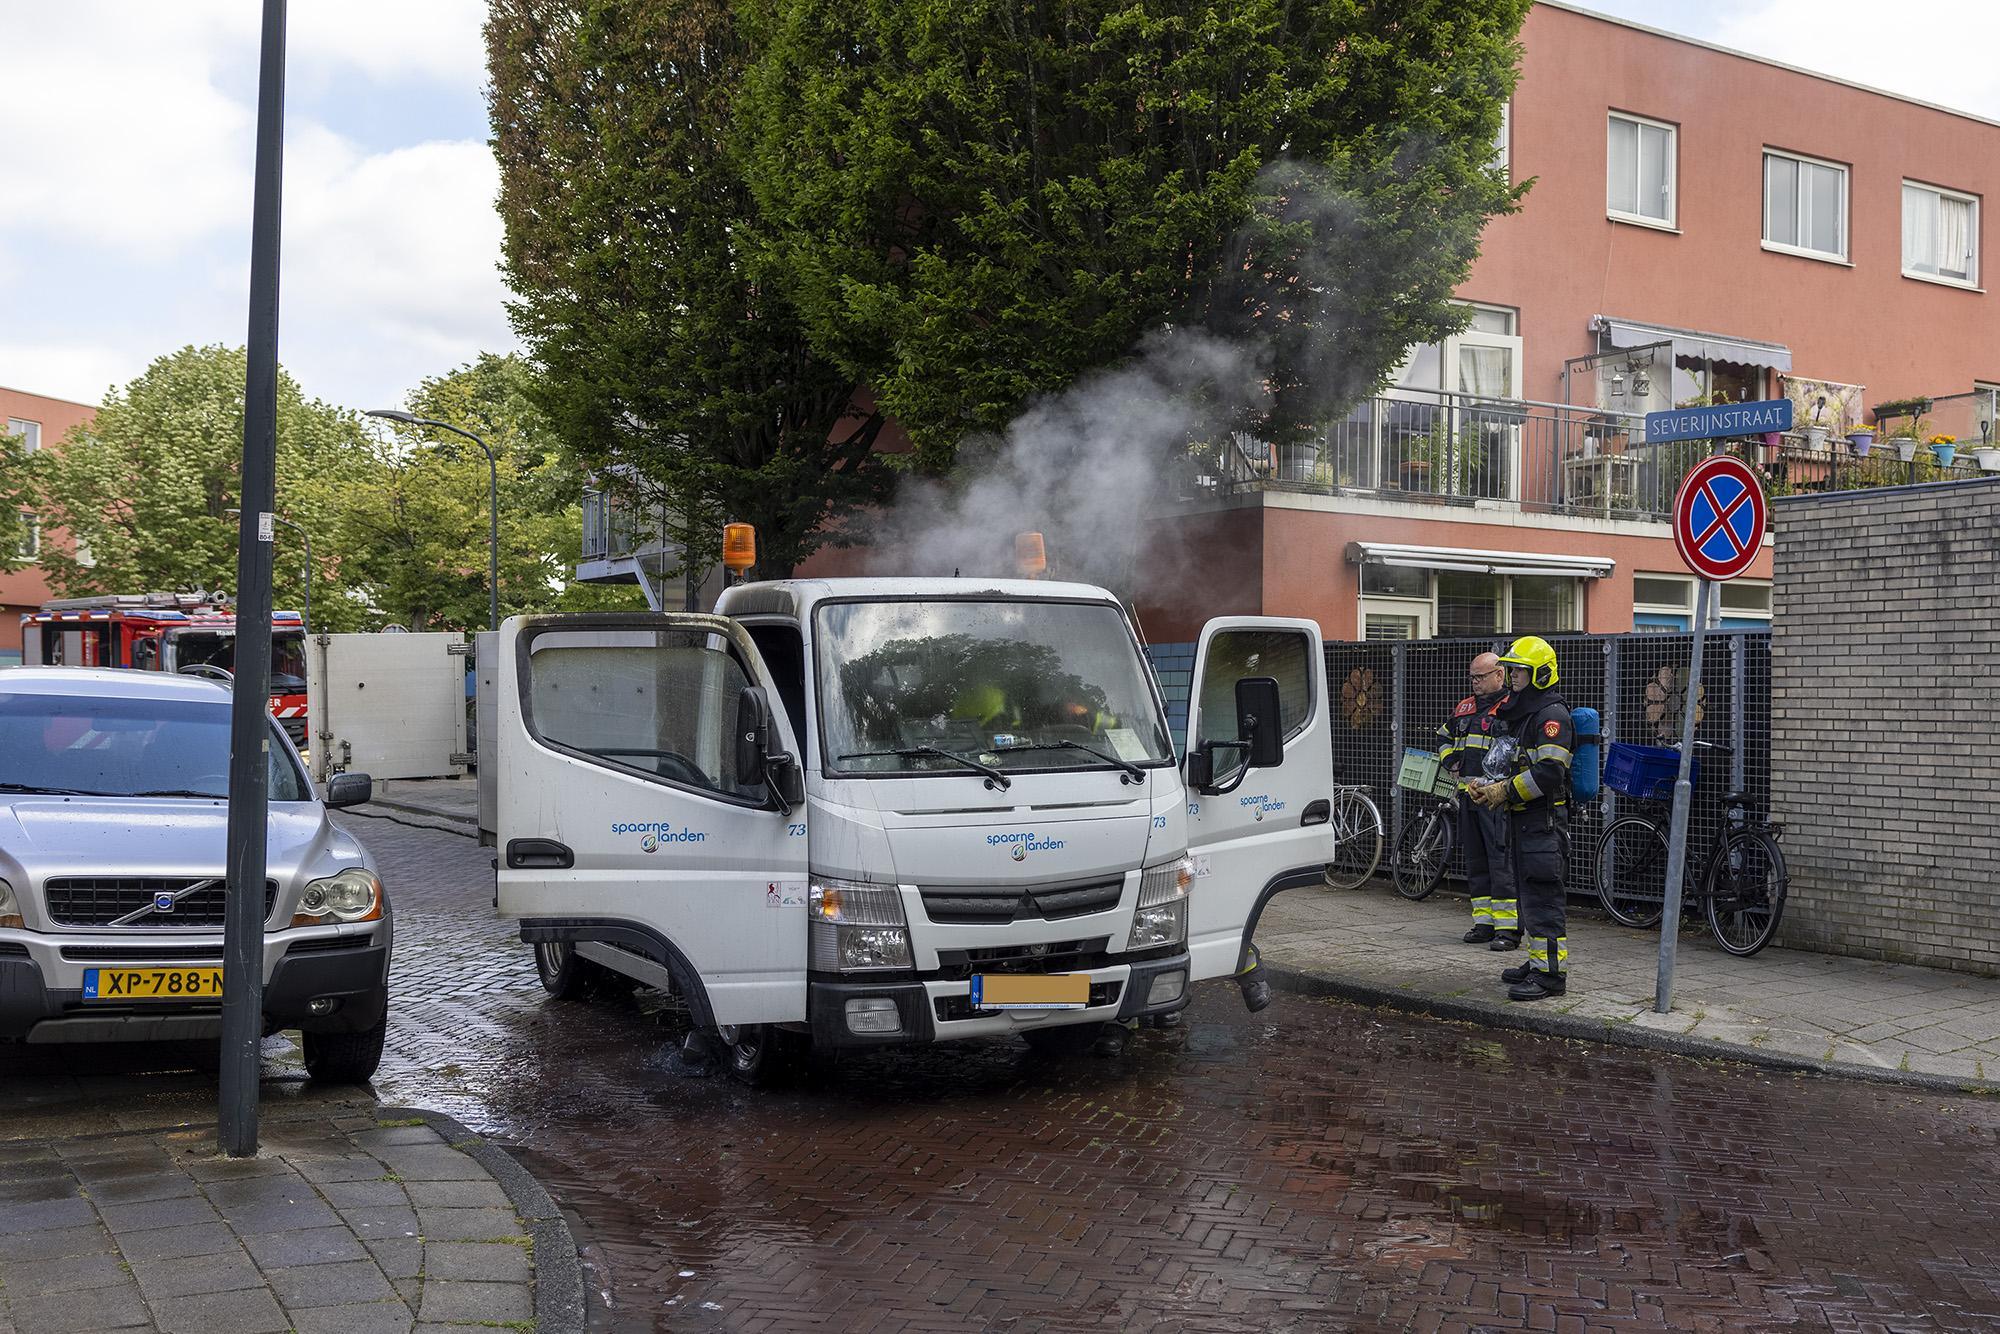 Bakwagen van Spaarnelanden in brand gevlogen in Haarlem